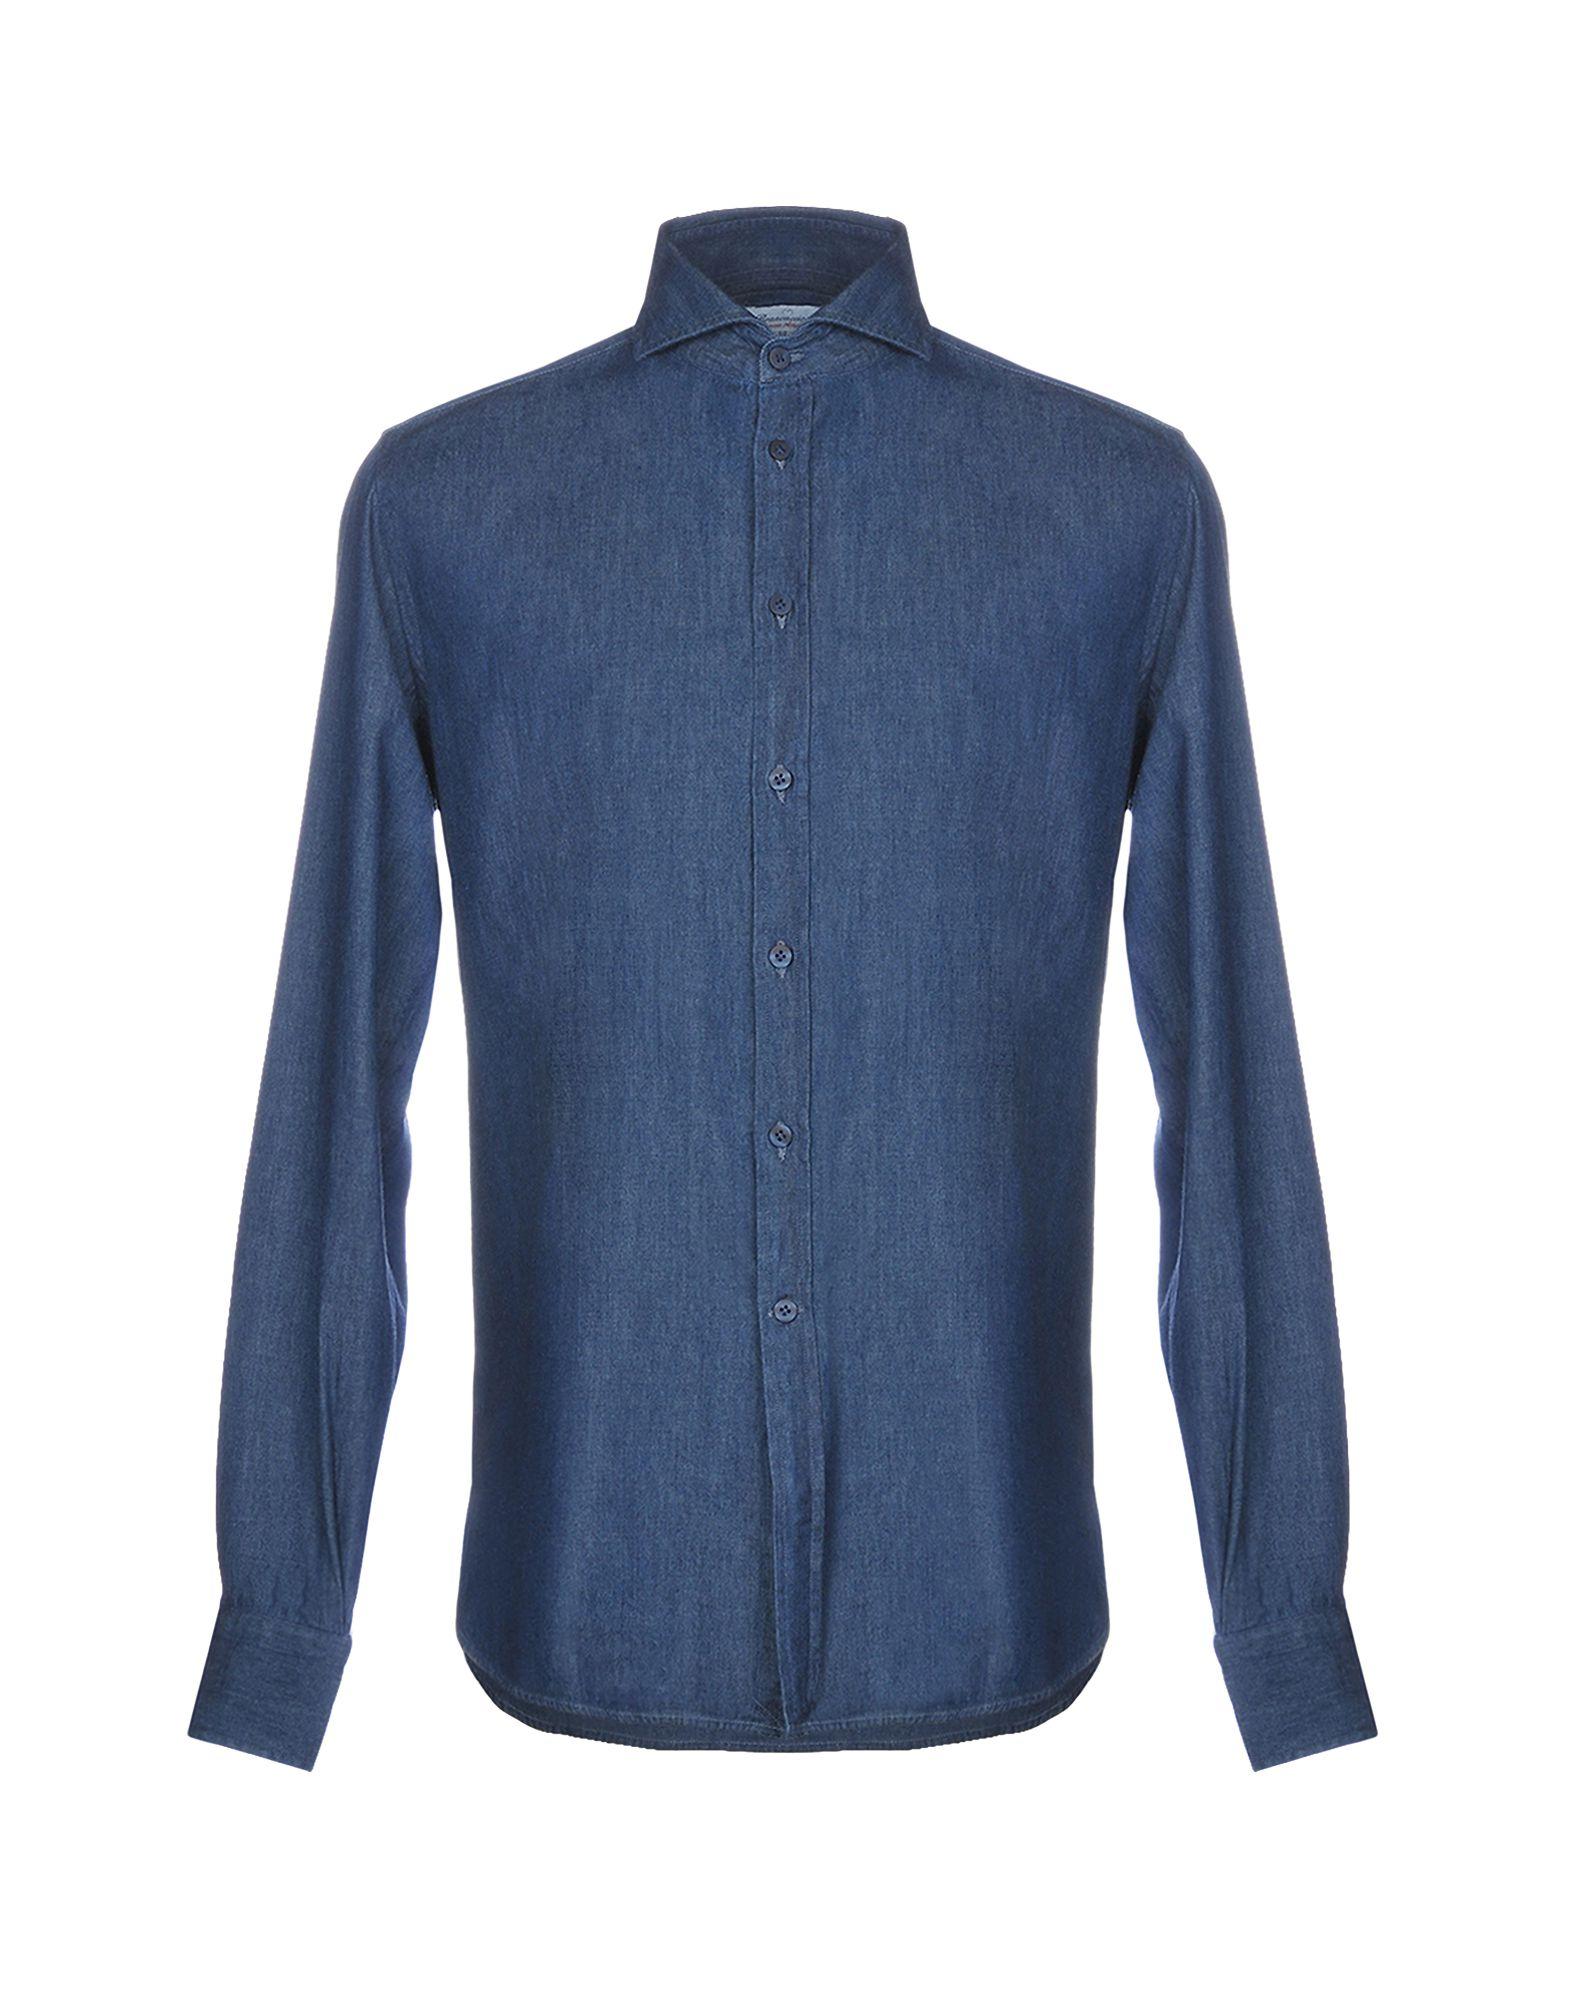 BRANCACCIO C. Джинсовая рубашка brancaccio c джинсовая рубашка